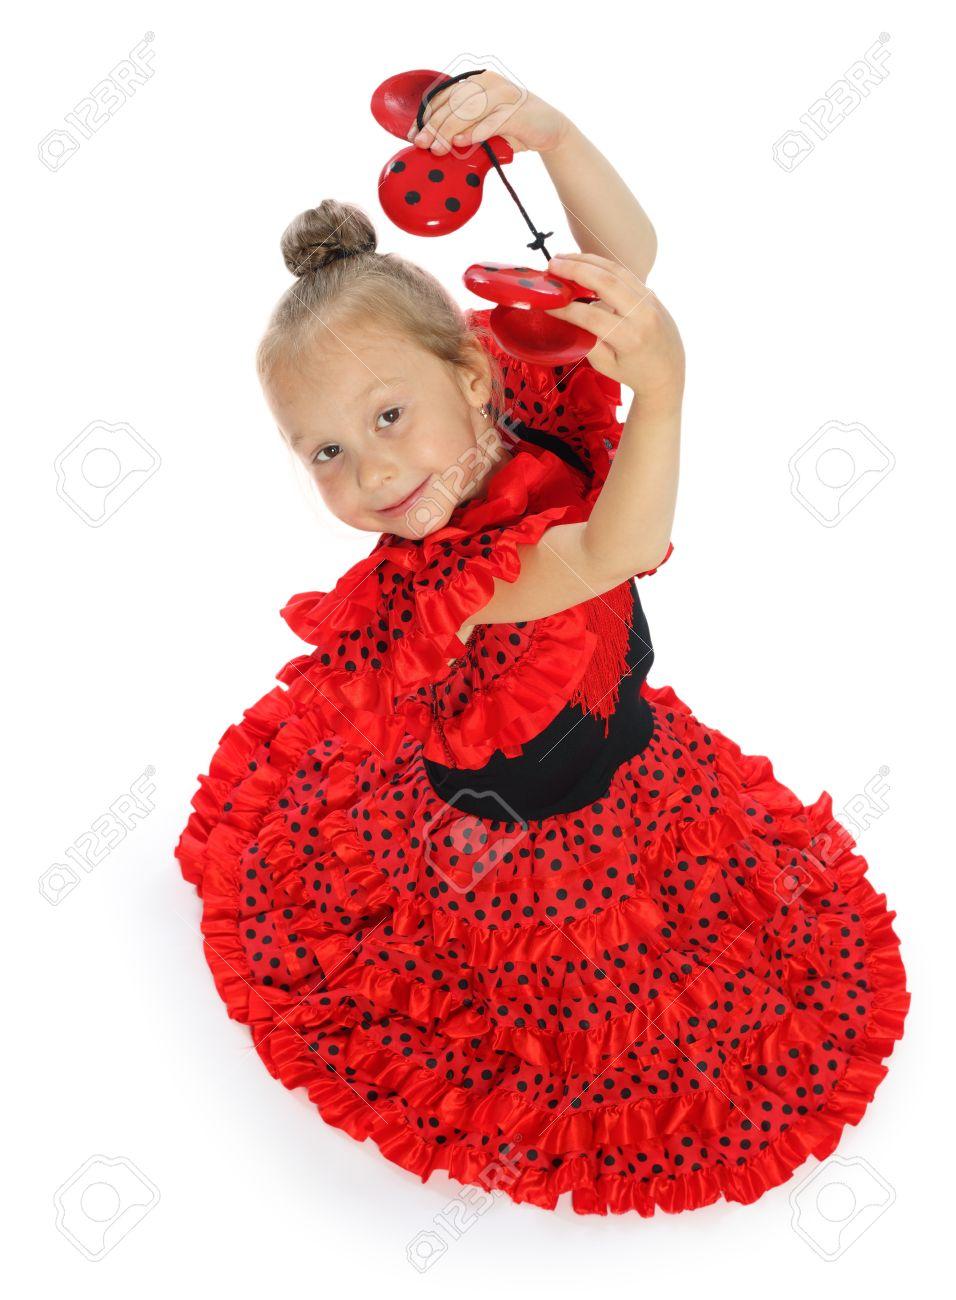 504eed1bb Foto de archivo - La niña en un vestido series españolas rojo